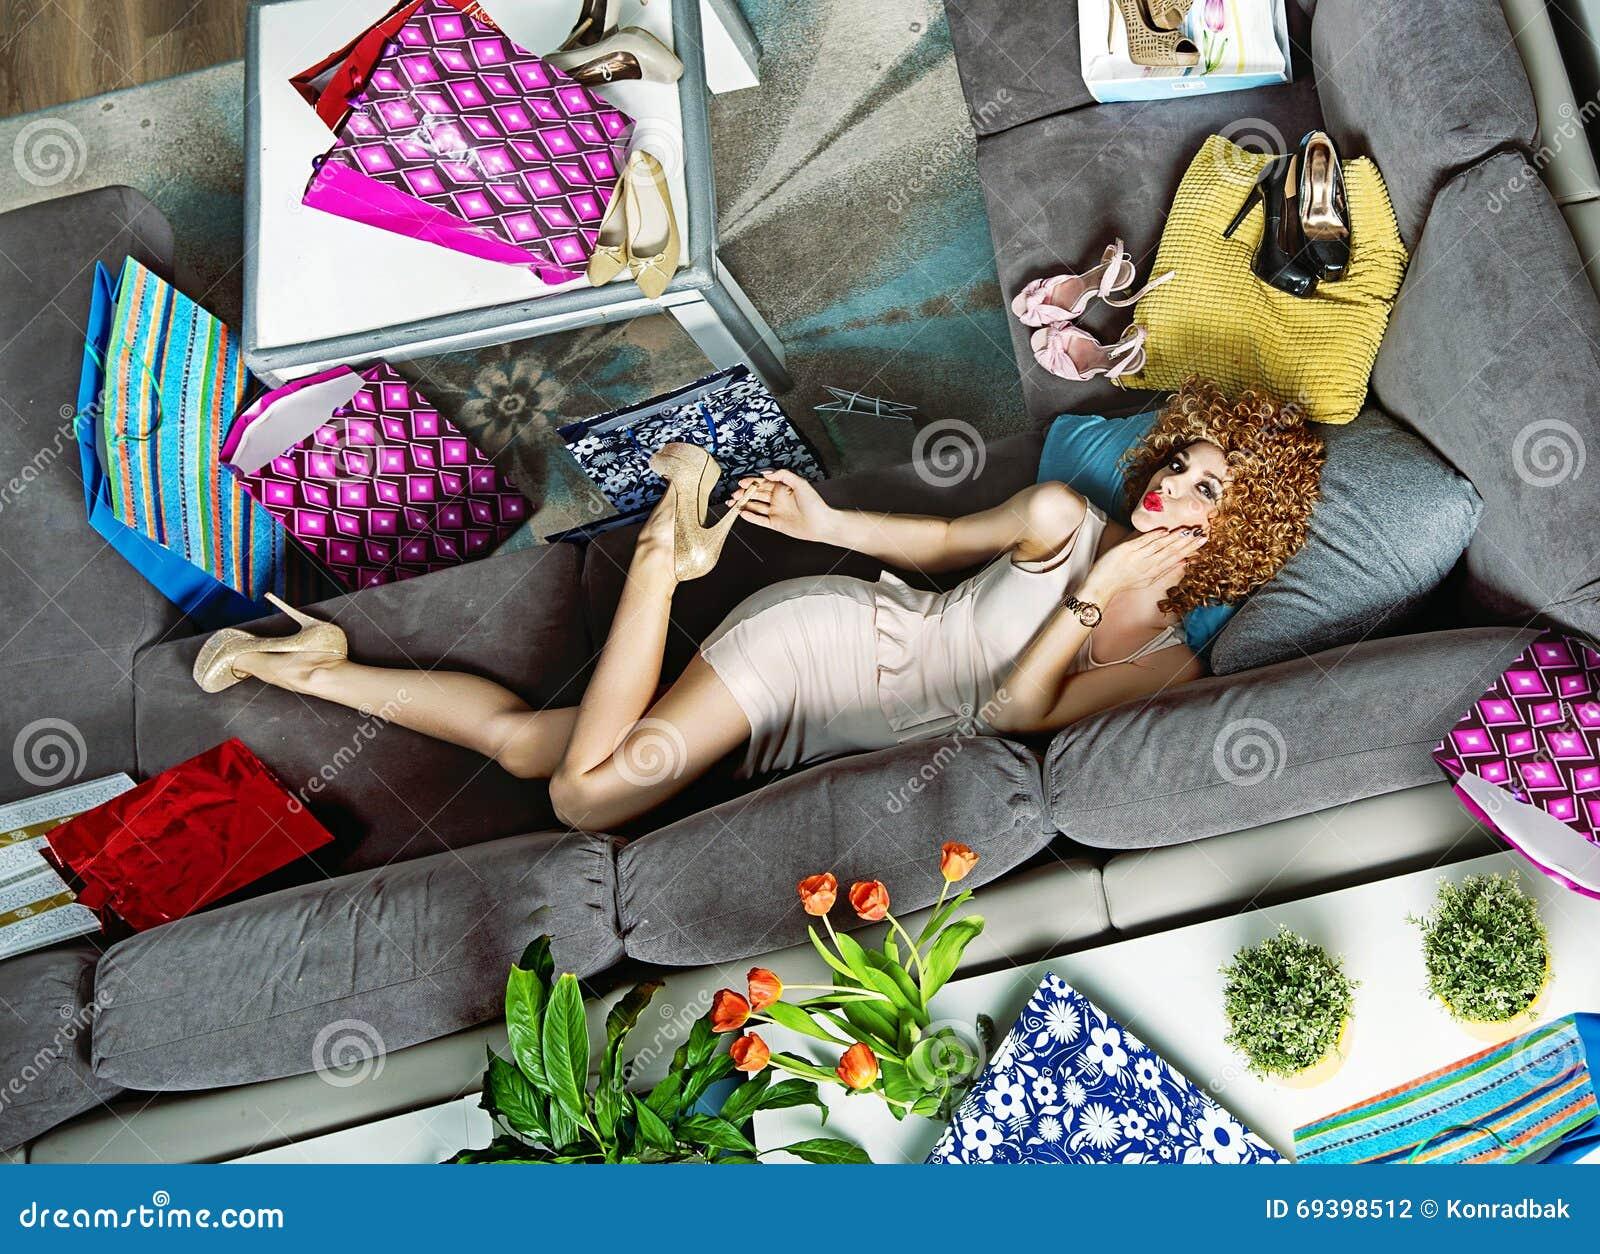 Retrato de um encontro shopaholic entre muitos sacos de compras